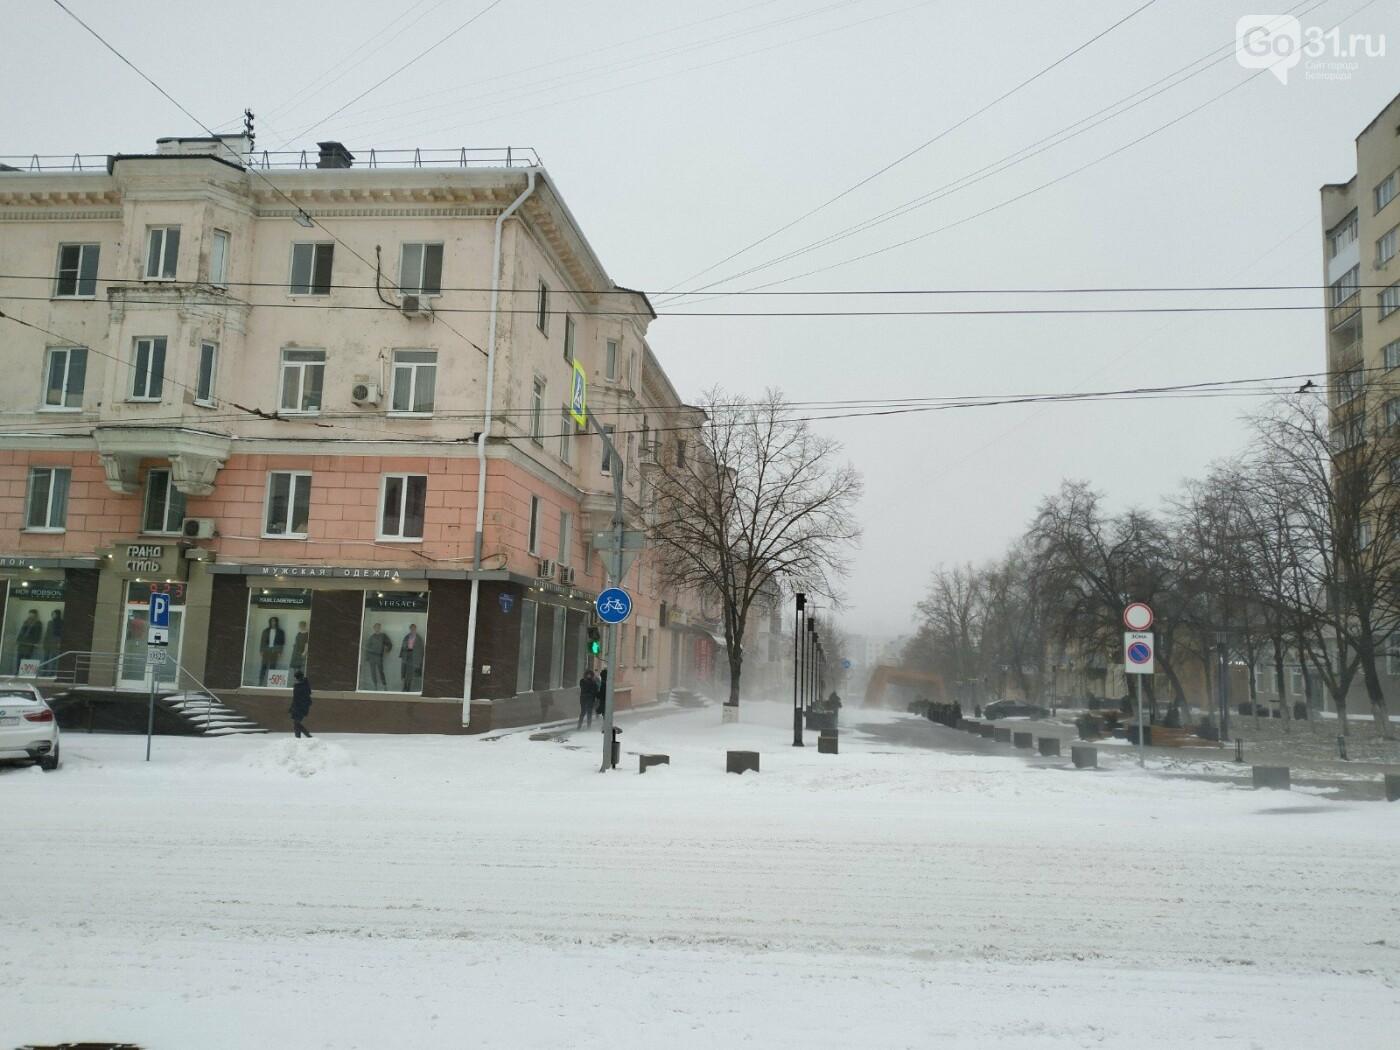 Метель в Белгороде